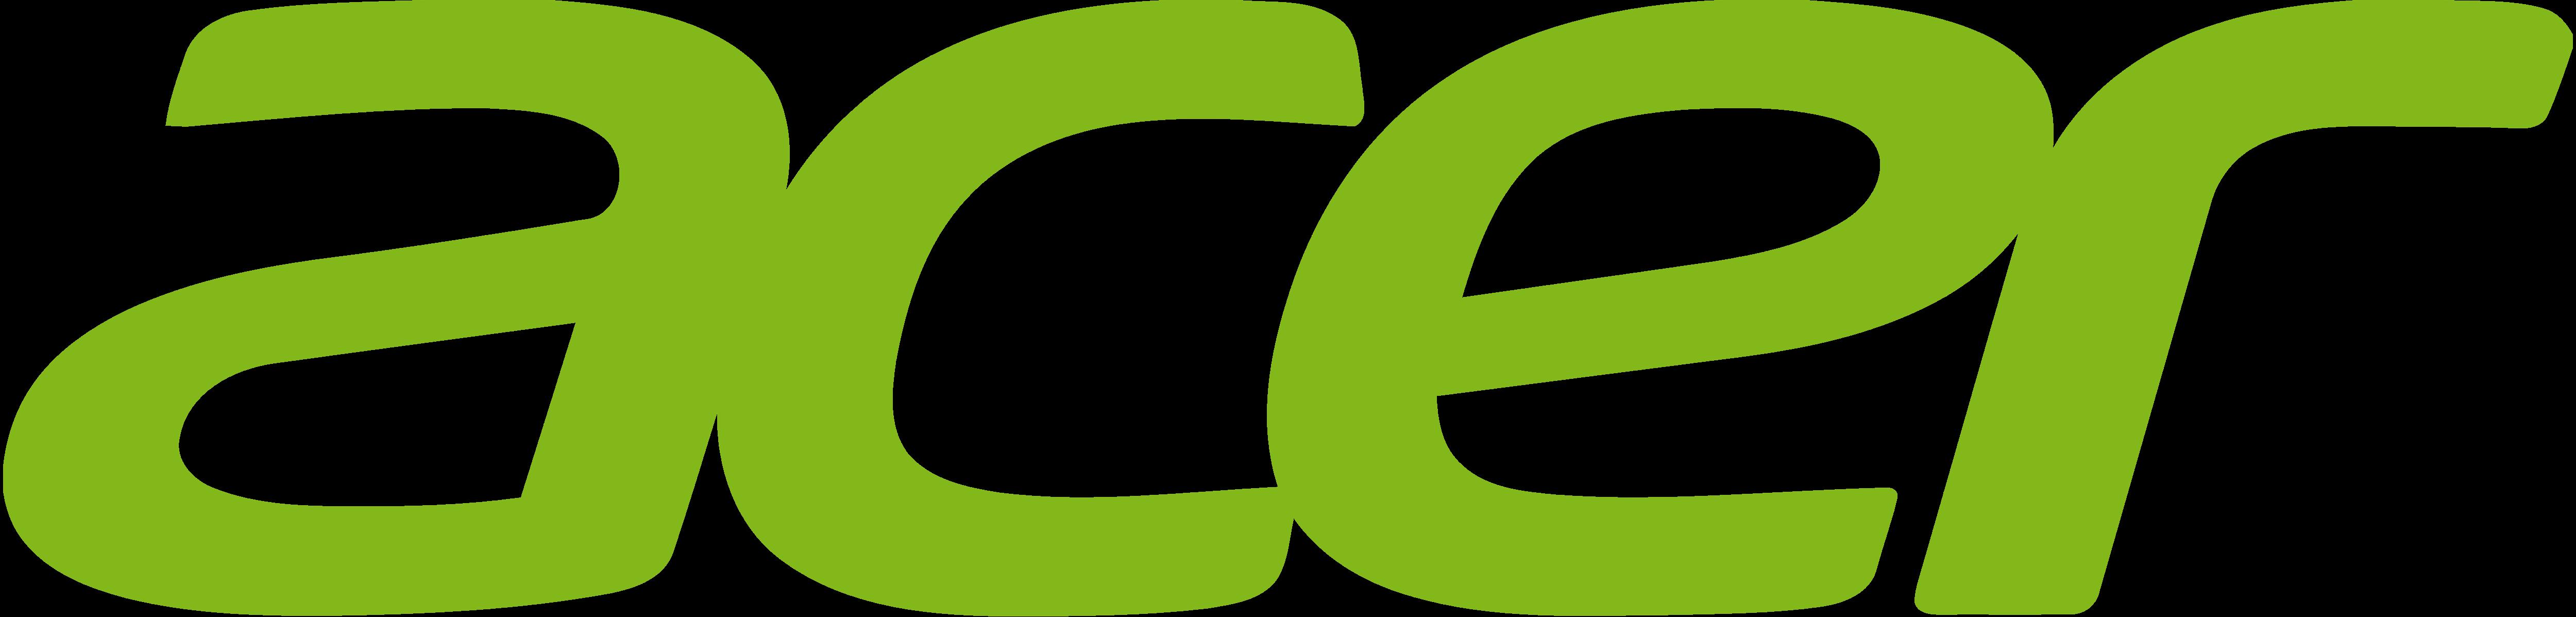 Acer (El Kadsre)